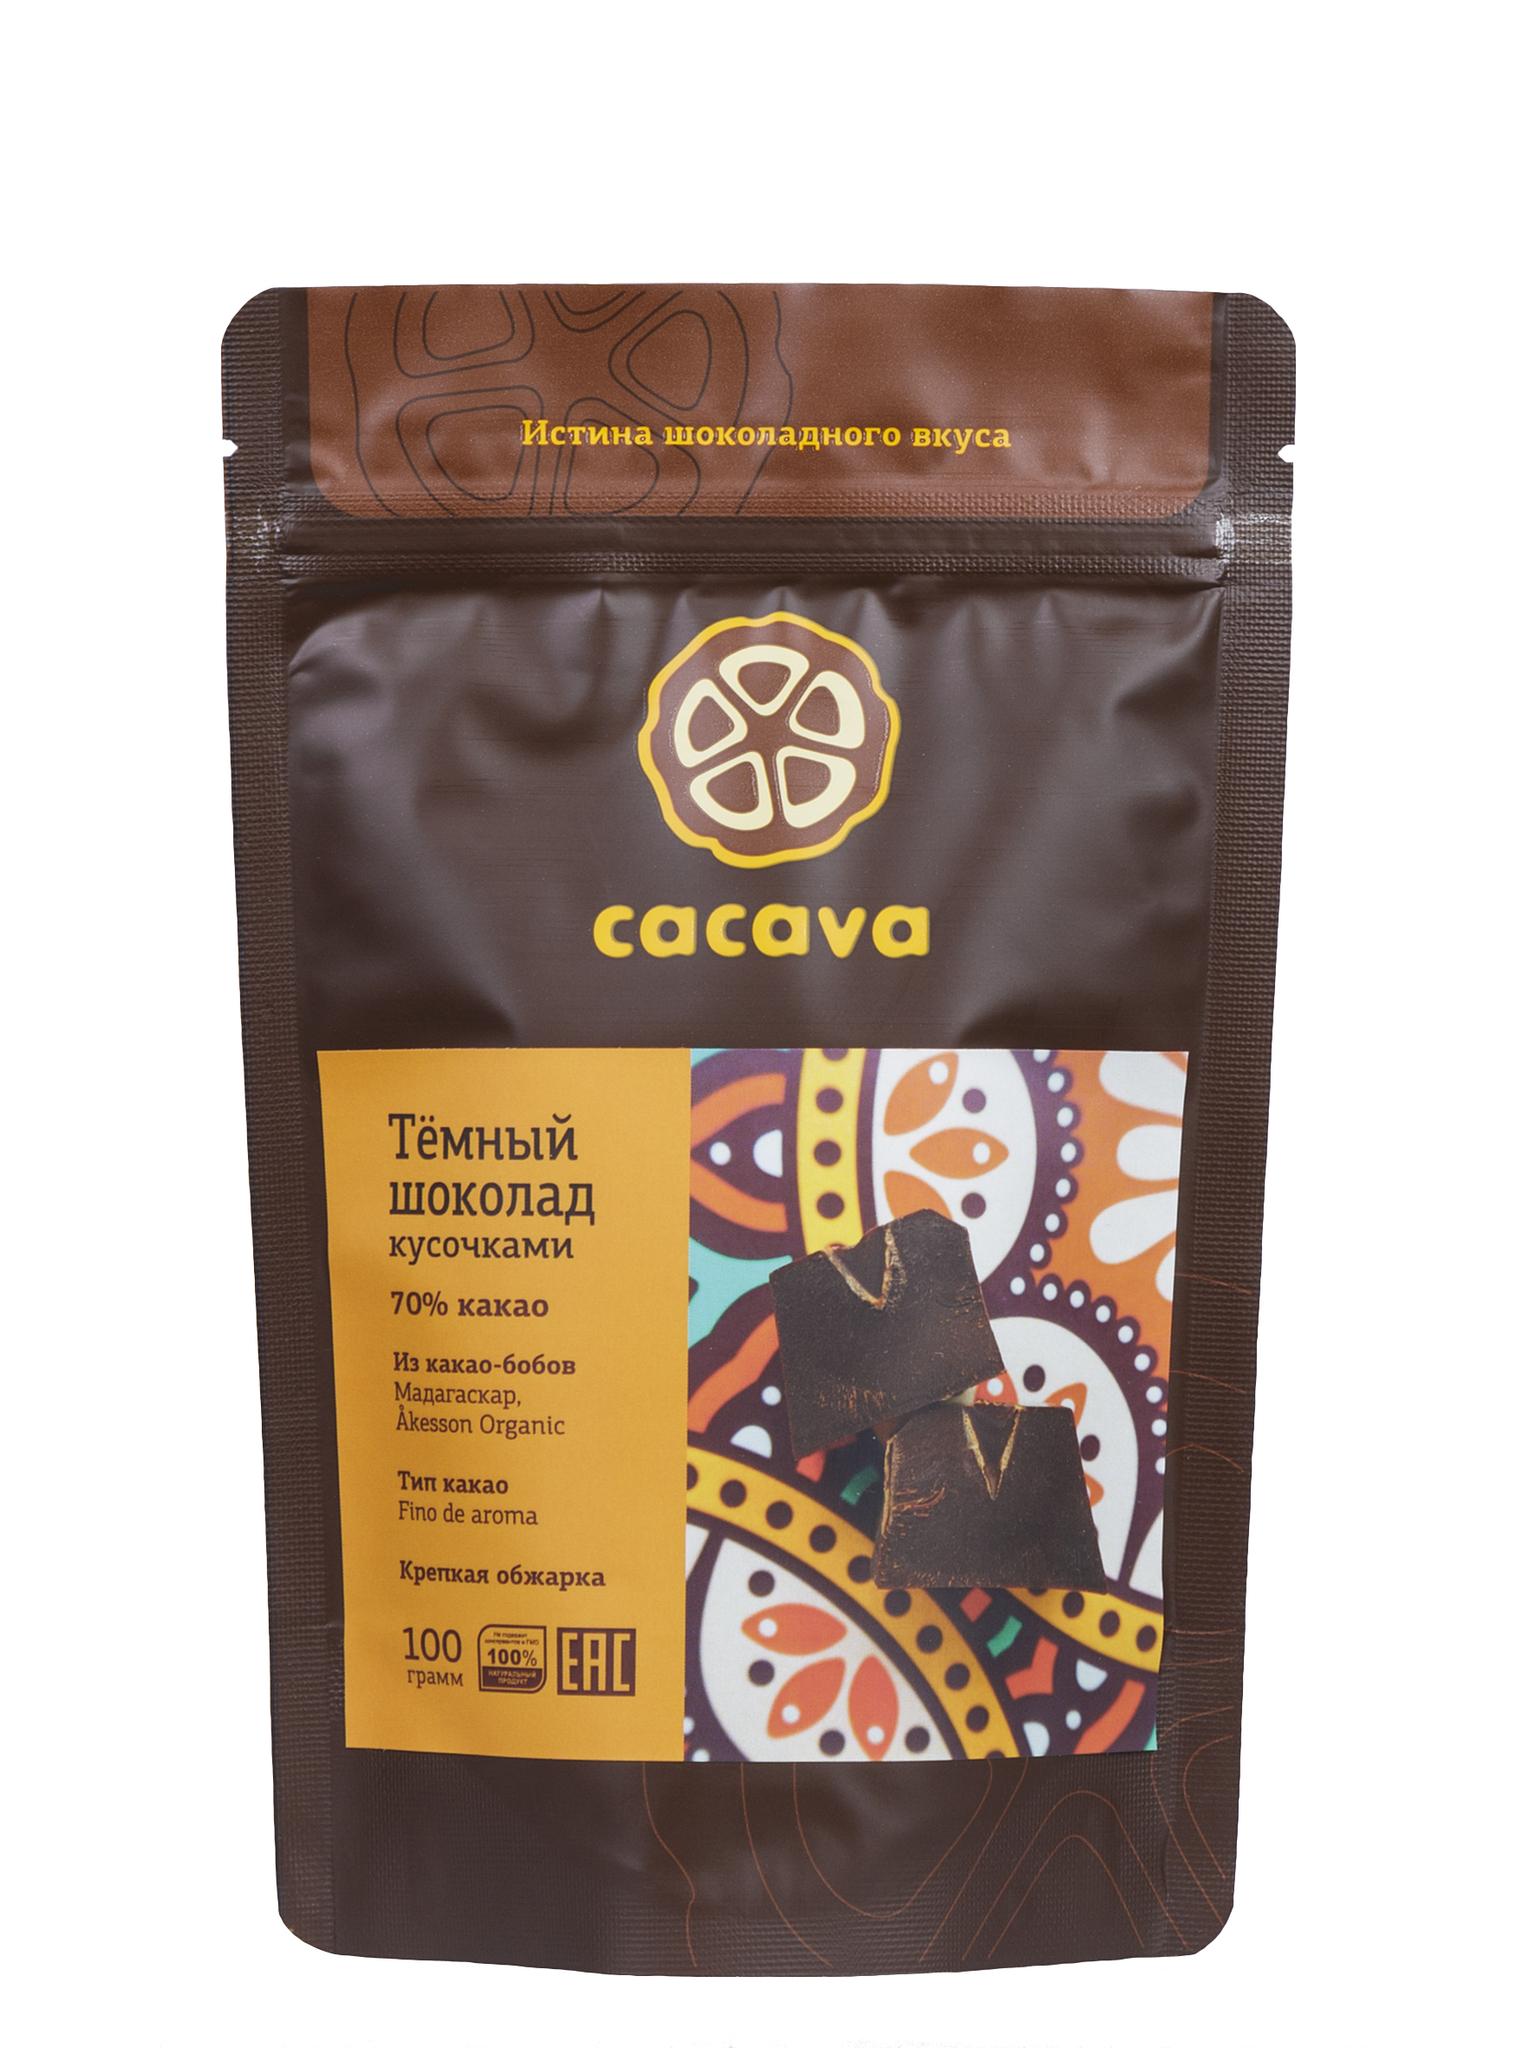 Тёмный шоколад 70 % какао ((Мадагаскар, Åkesson), упаковка 100 грамм